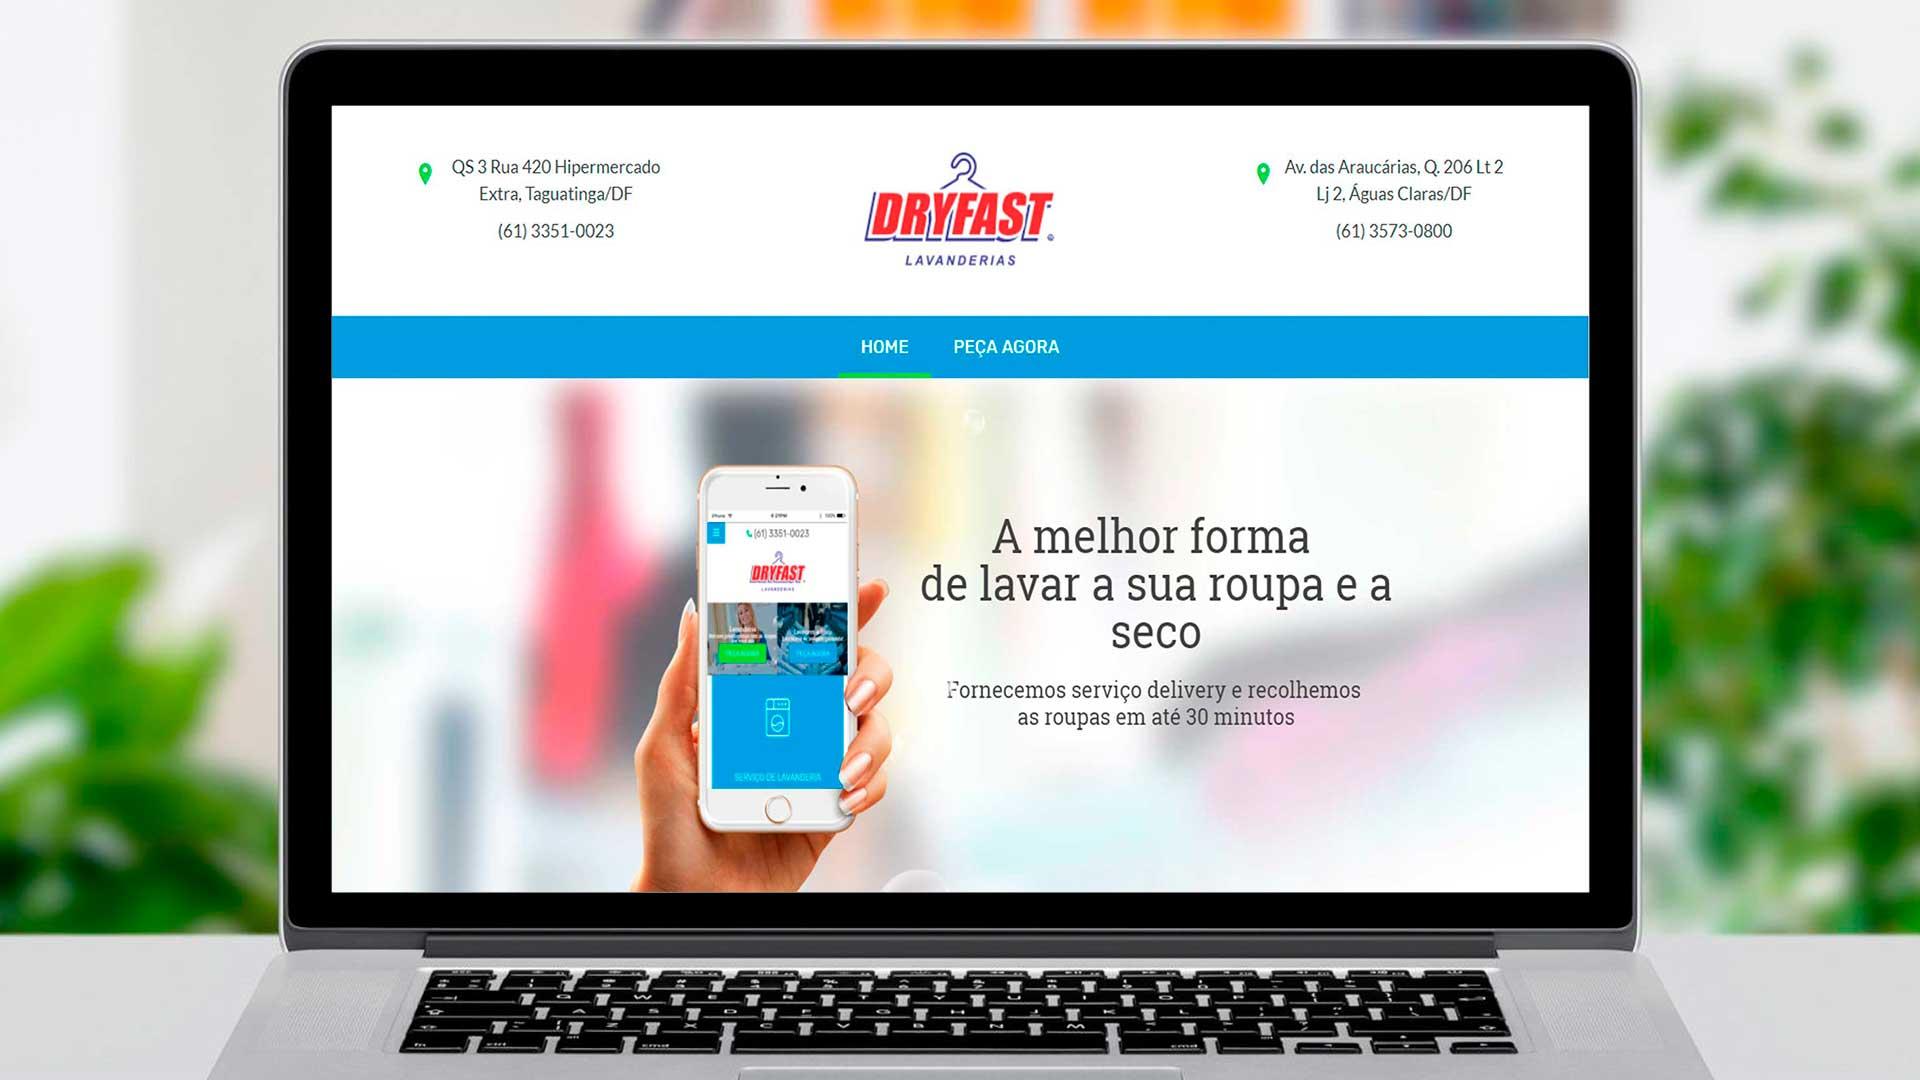 LDesigner - Website Dryfast Lavanderias